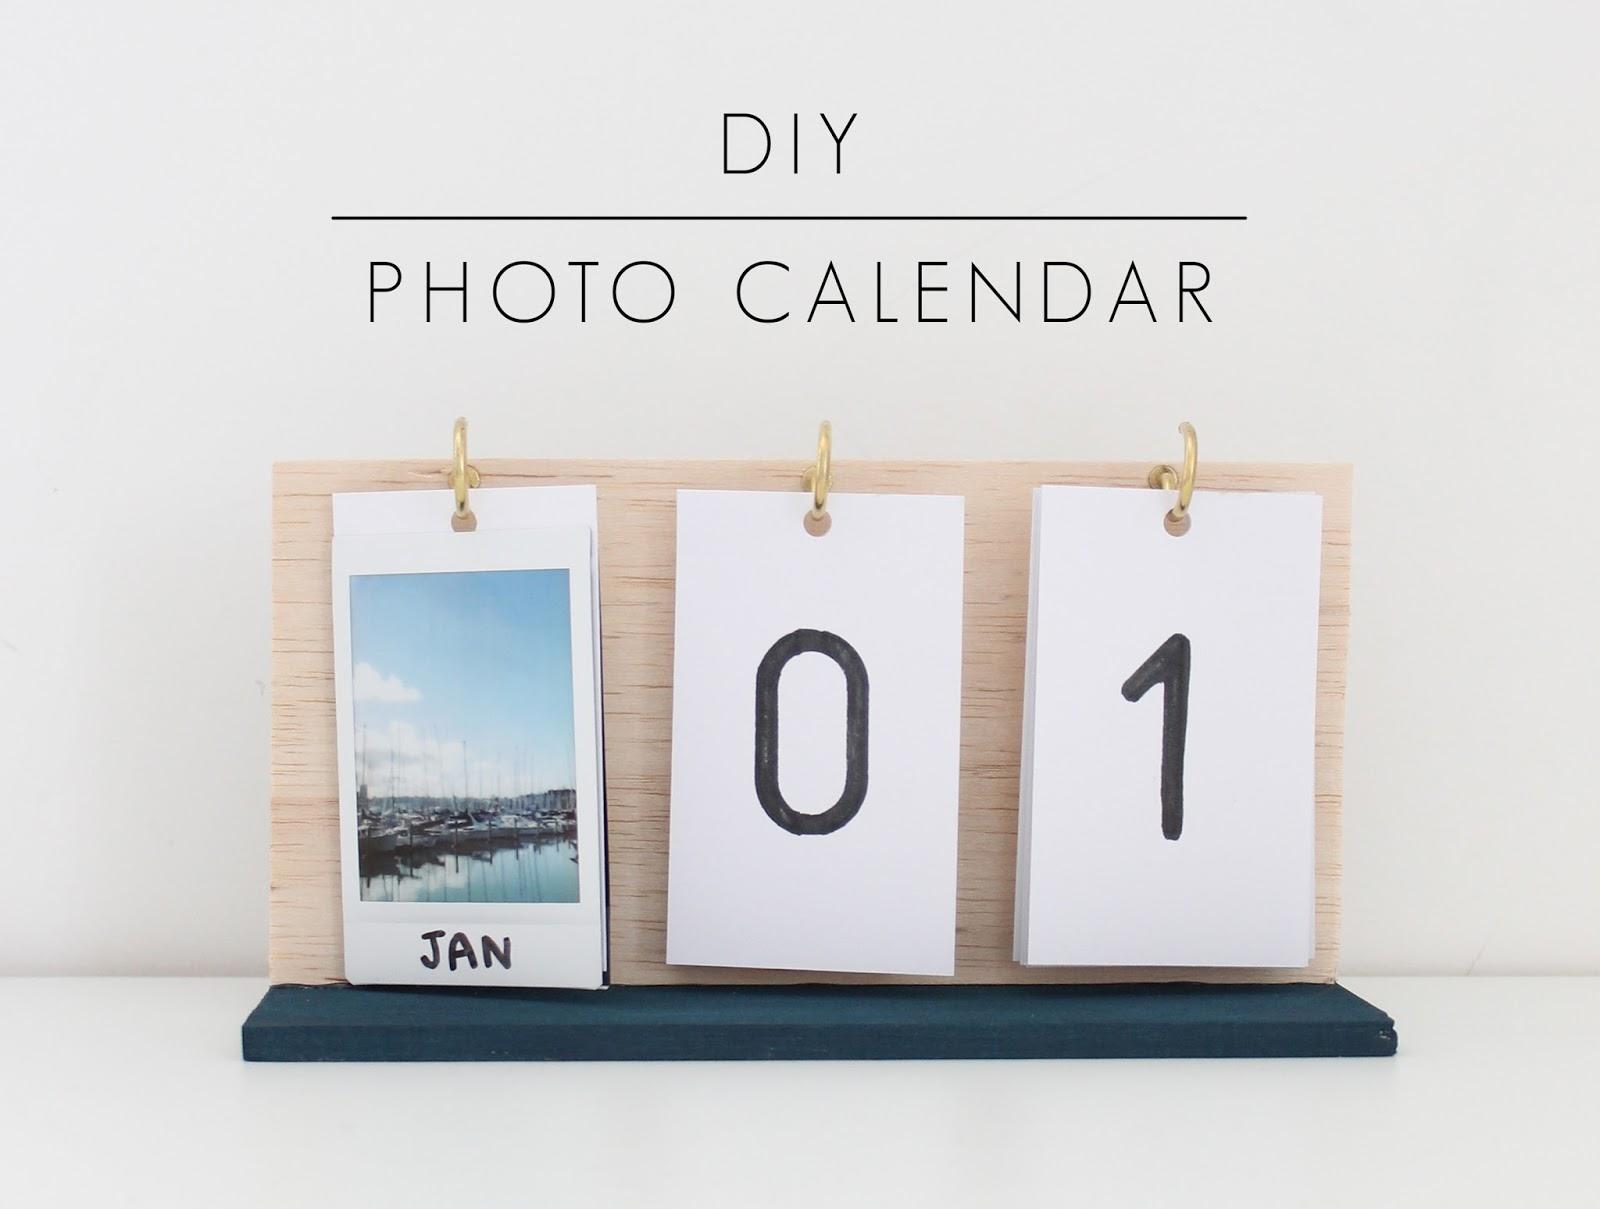 Harri Wren: DIY Photo Calendar - Photo Diy